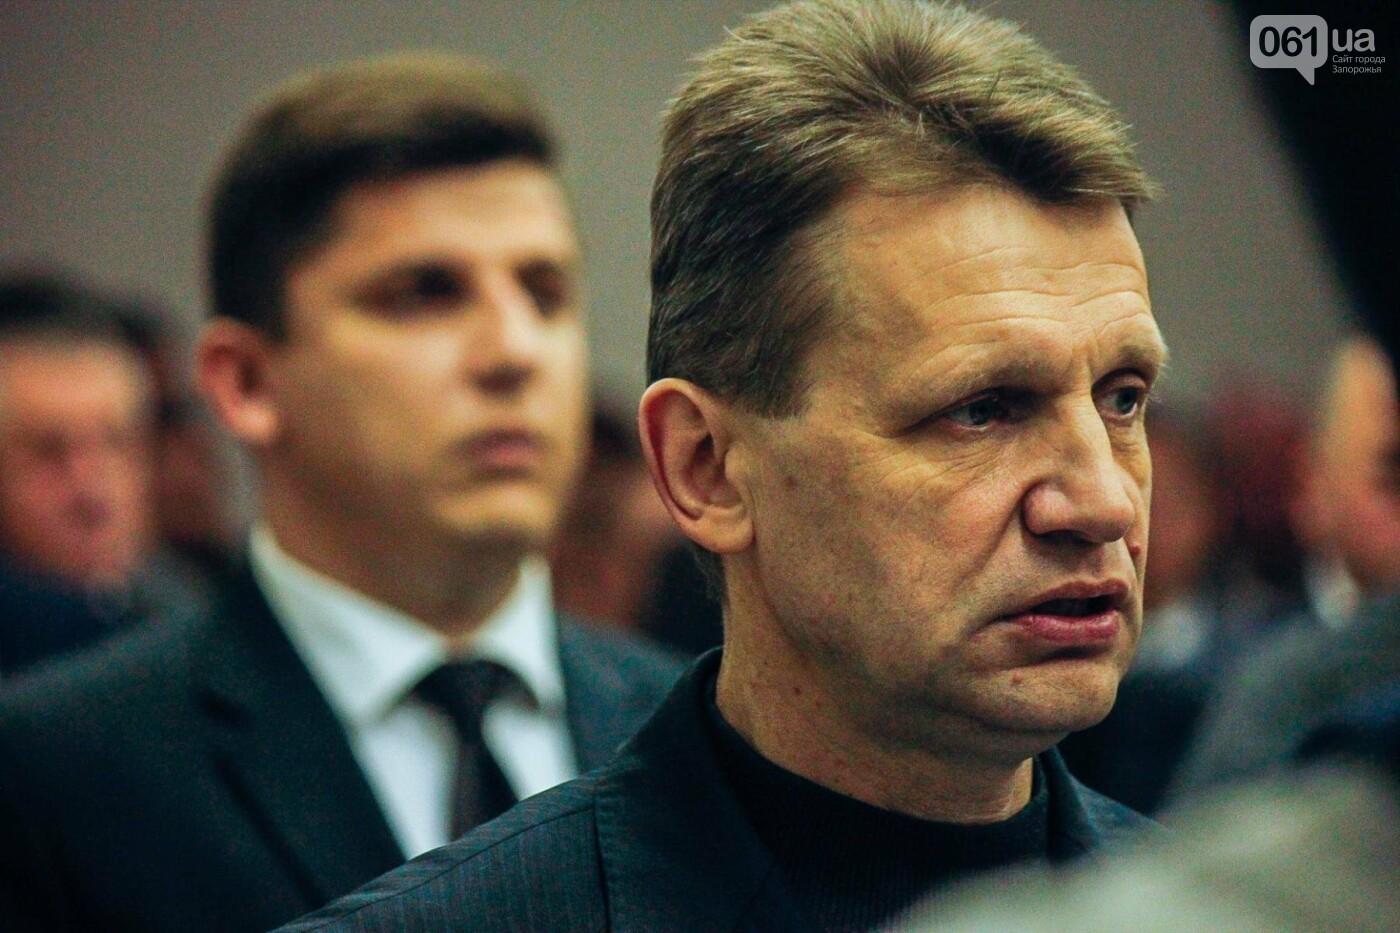 Сессия запорожского горсовета в лицах, - ФОТОРЕПОРТАЖ, фото-47